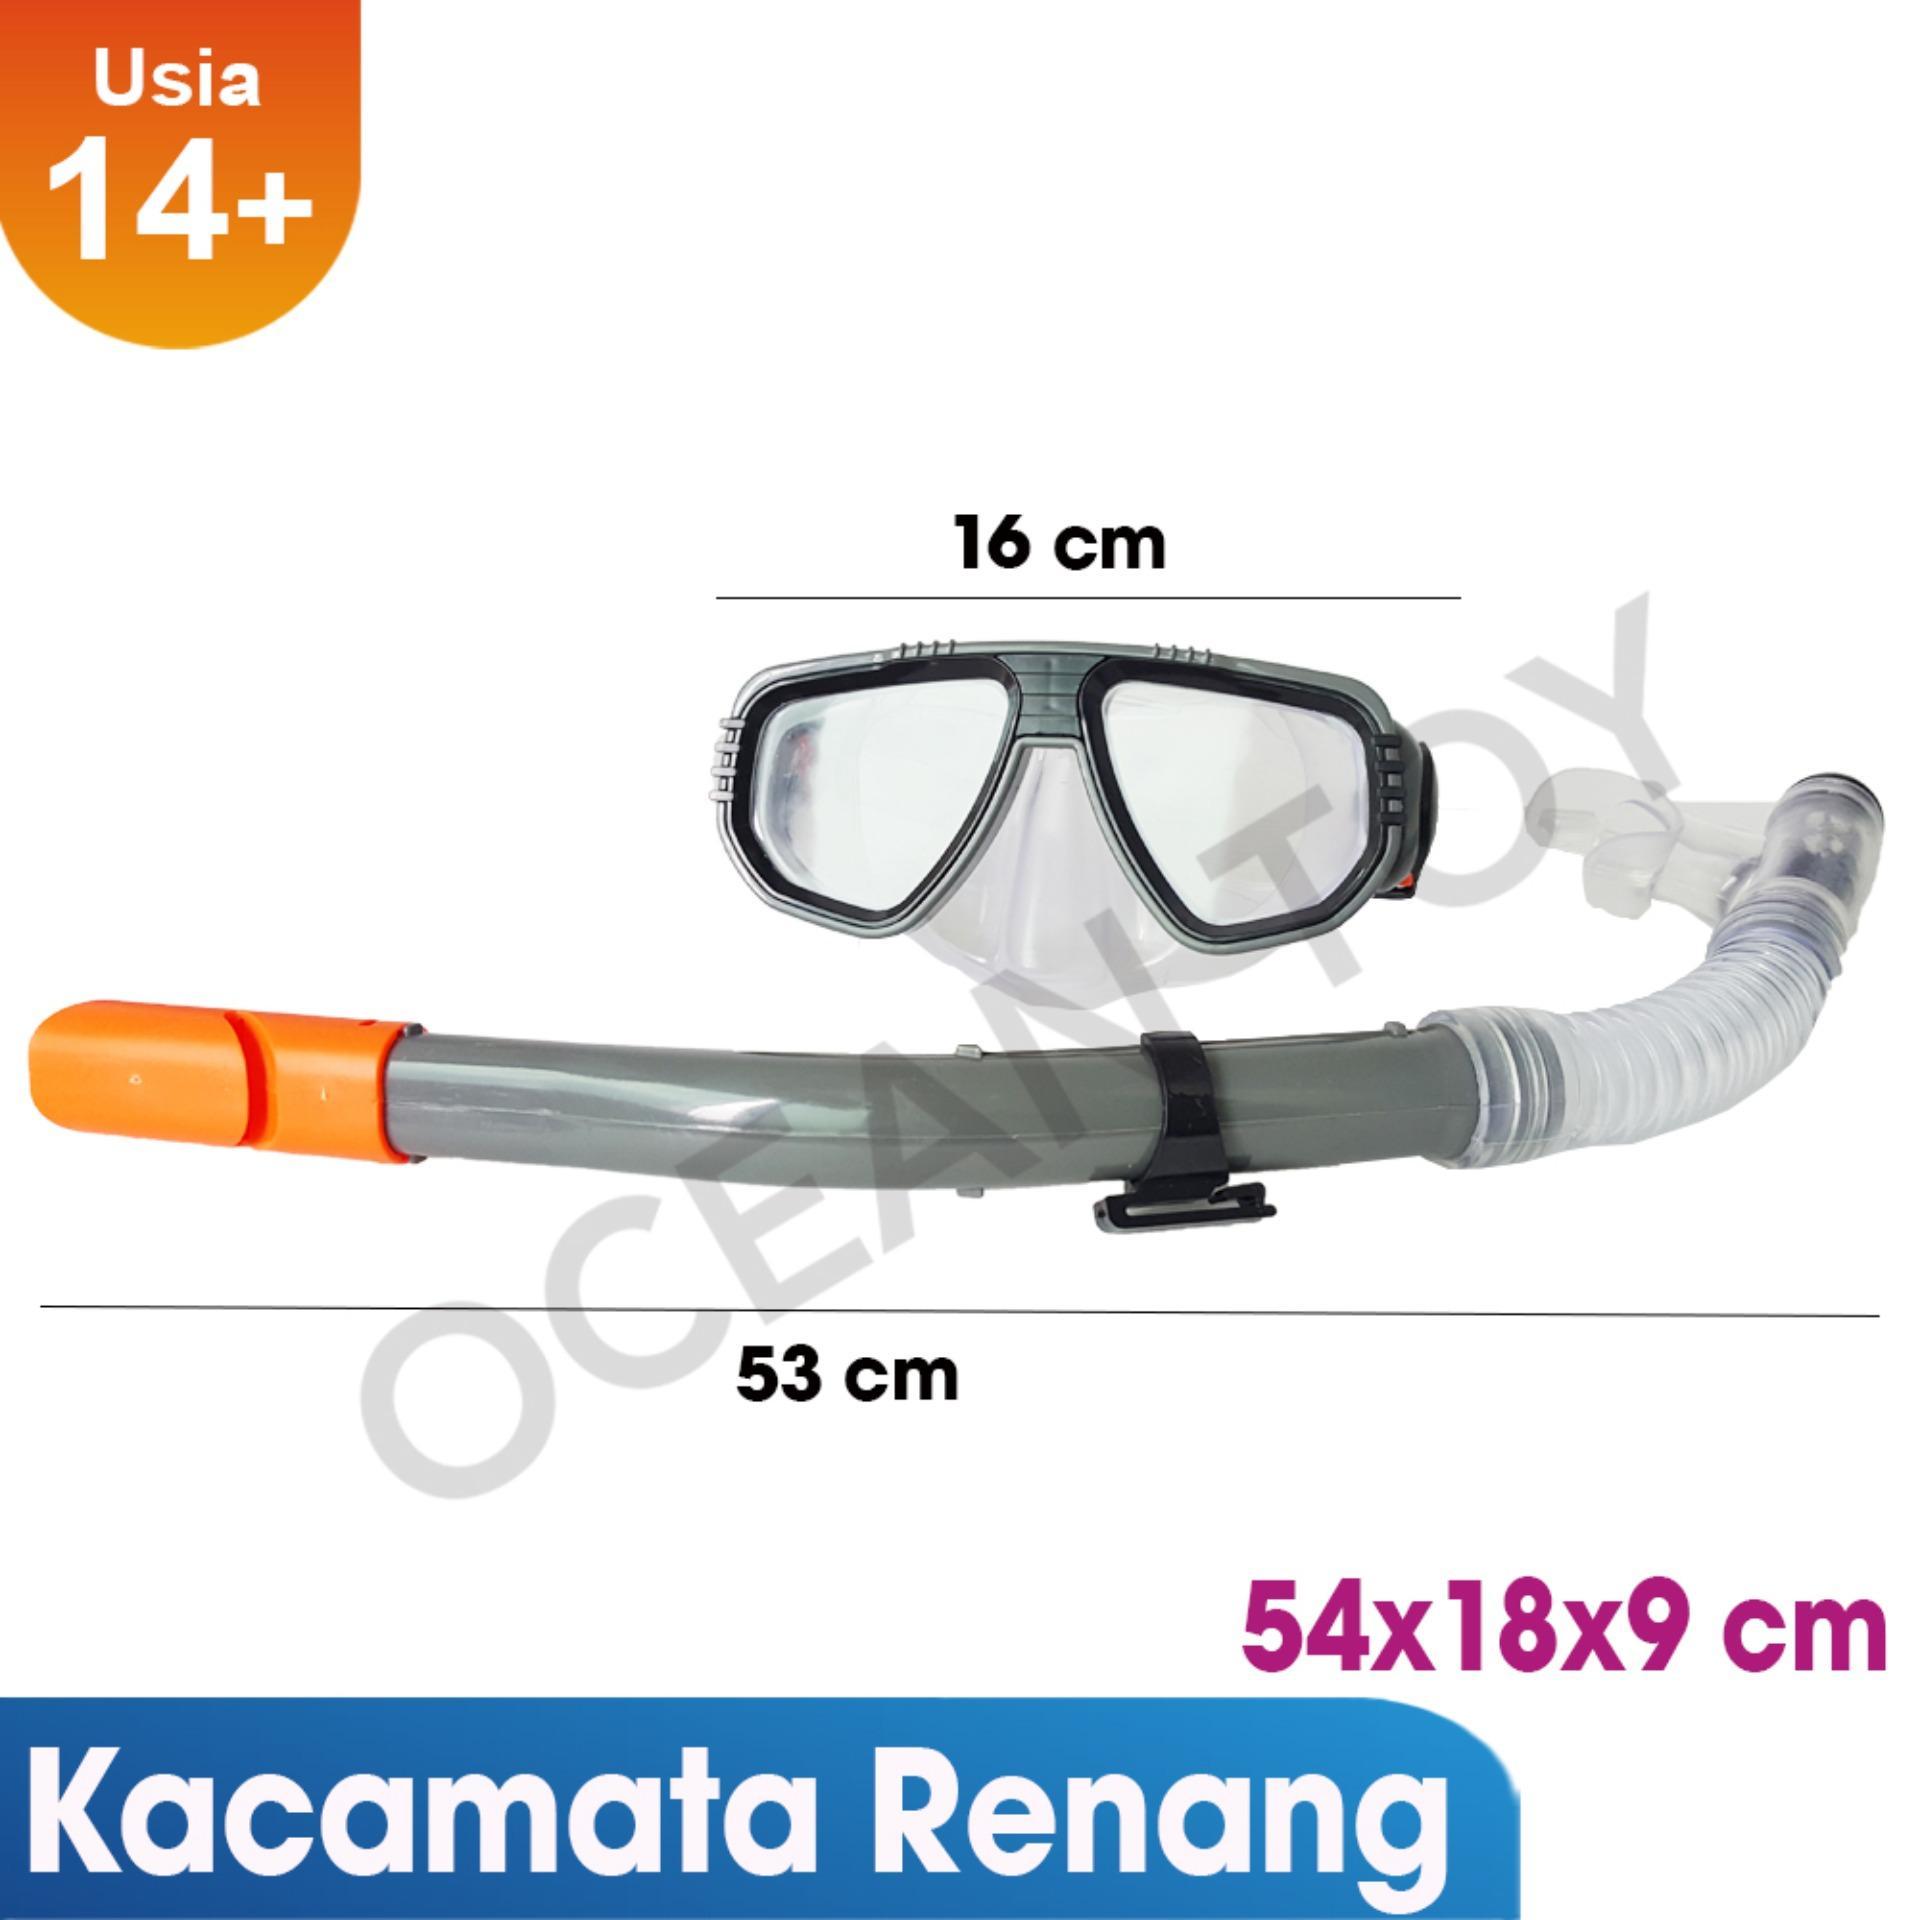 Harga Ocean Toy Aqua Splash Snorkeling Set Oti63016 Ocean Toy Baru